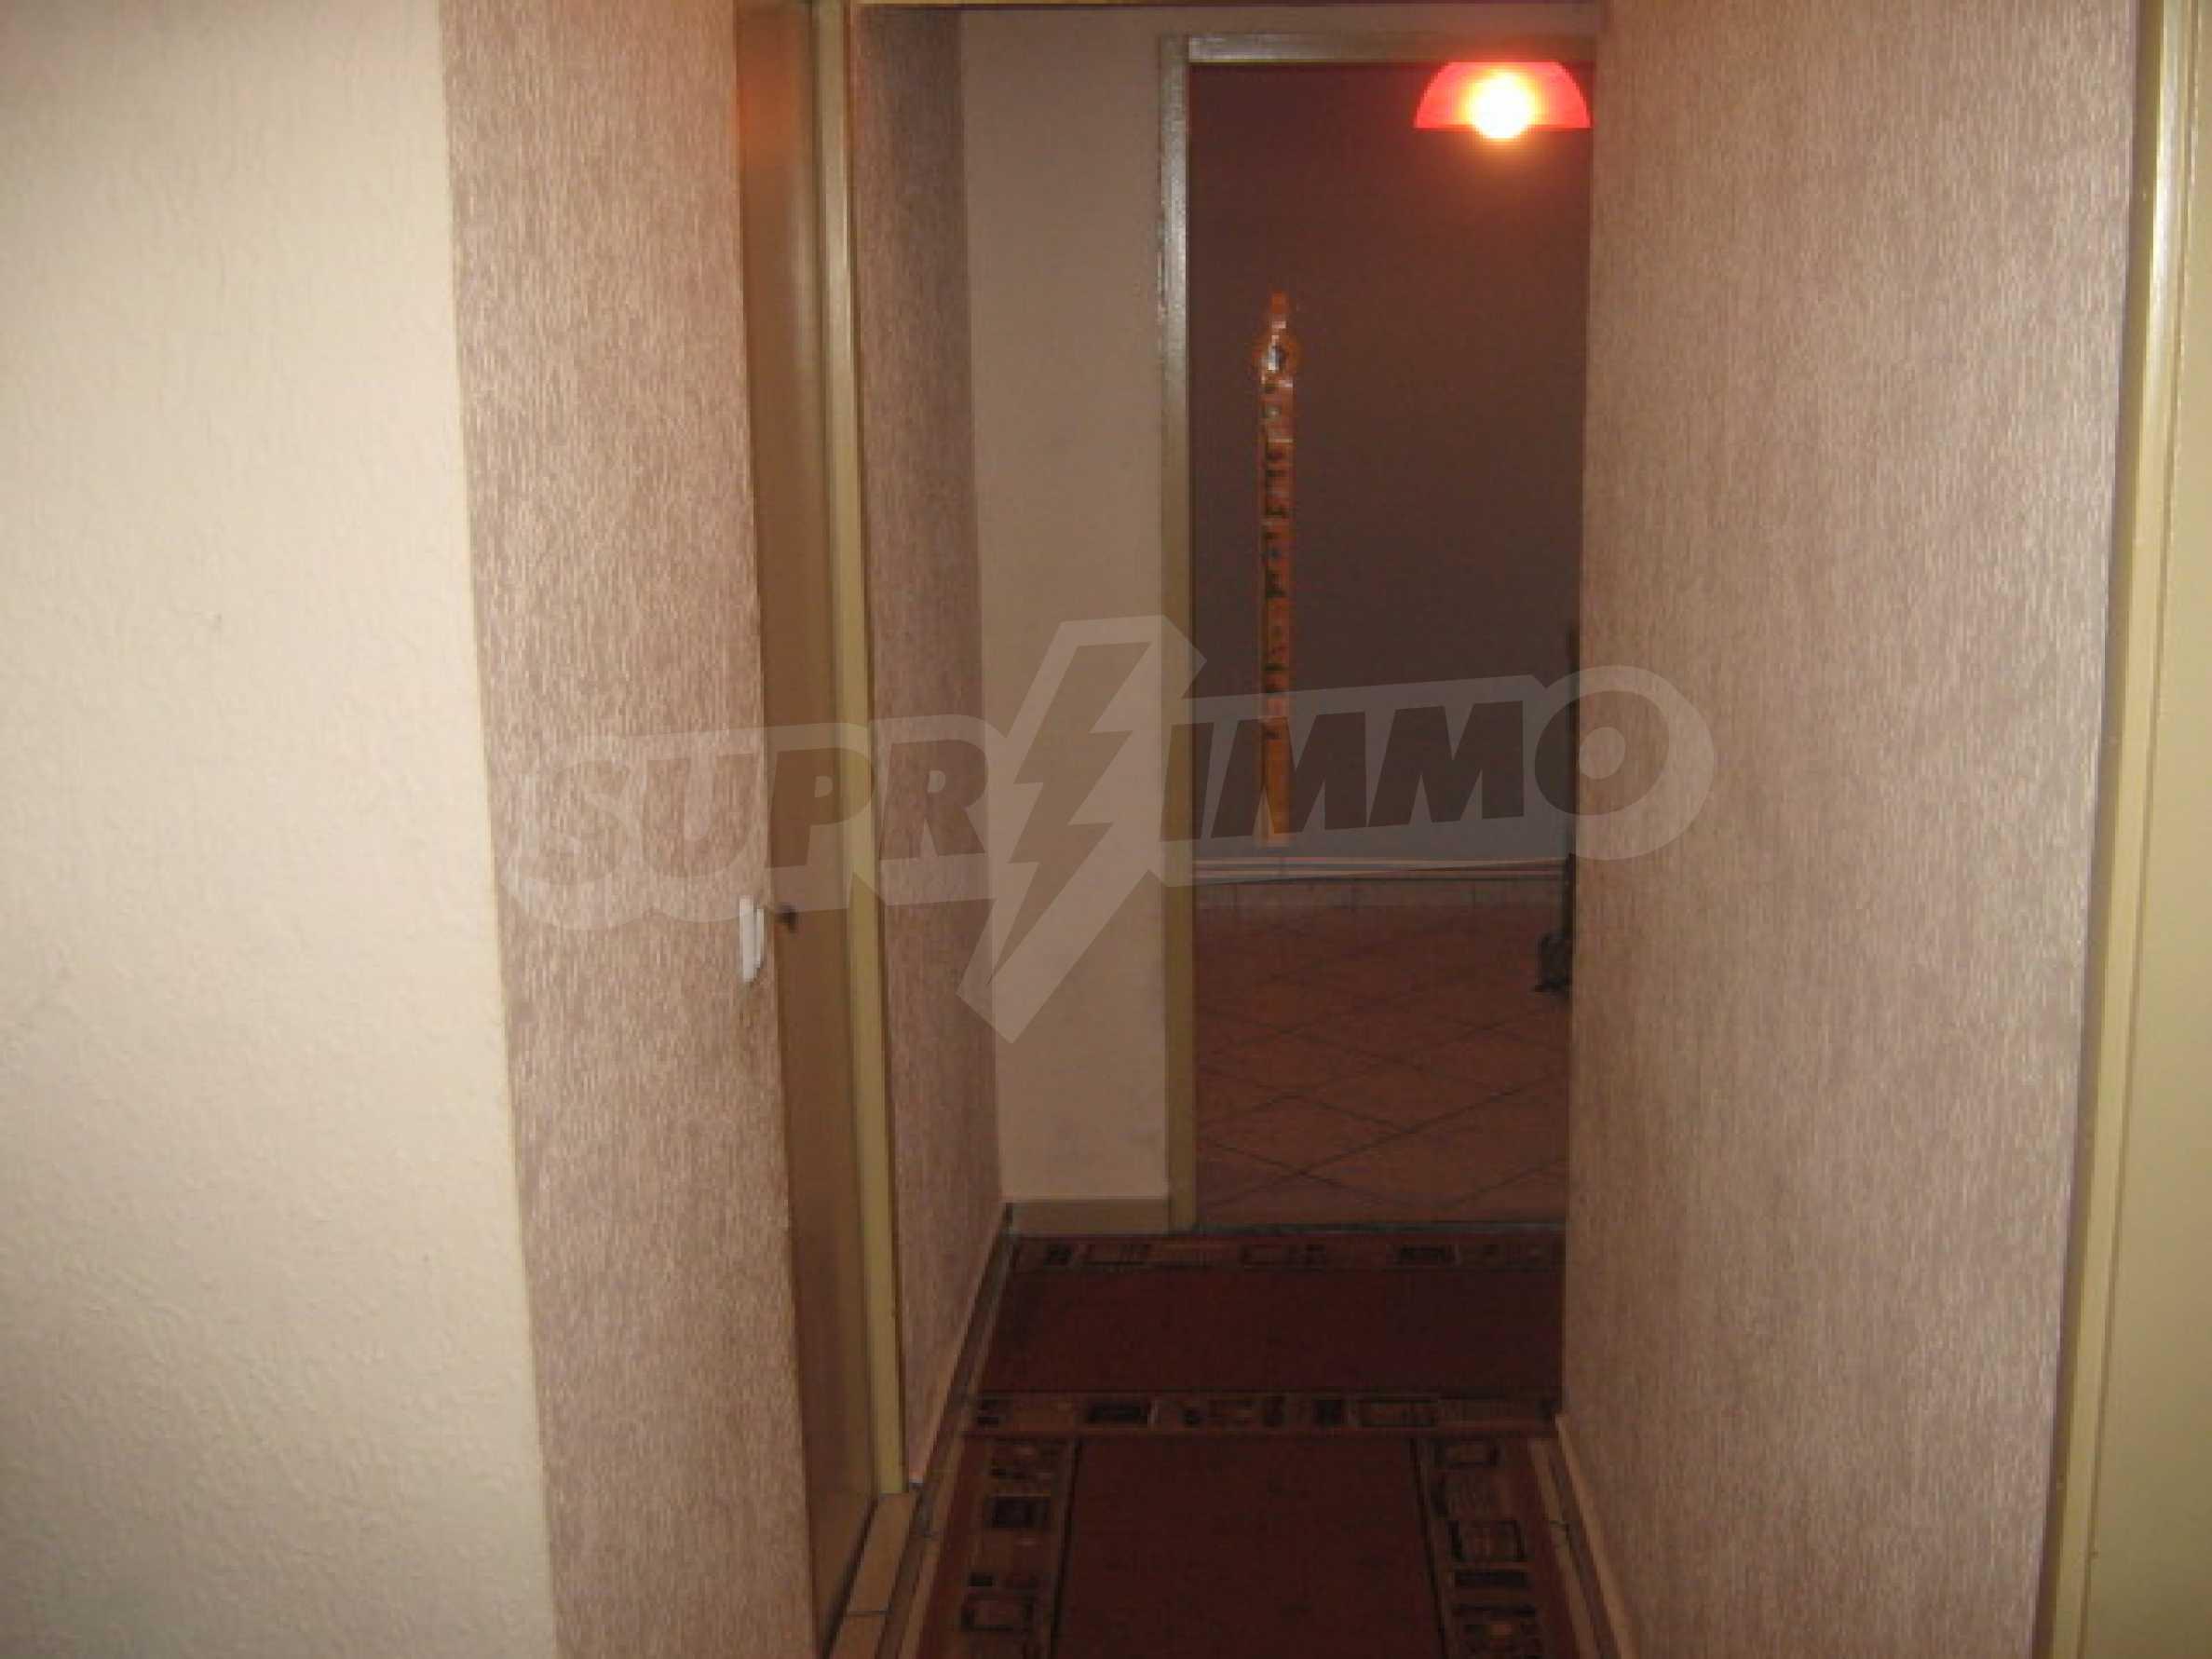 Двустаен апартамент за продажба във гр. Видин 1